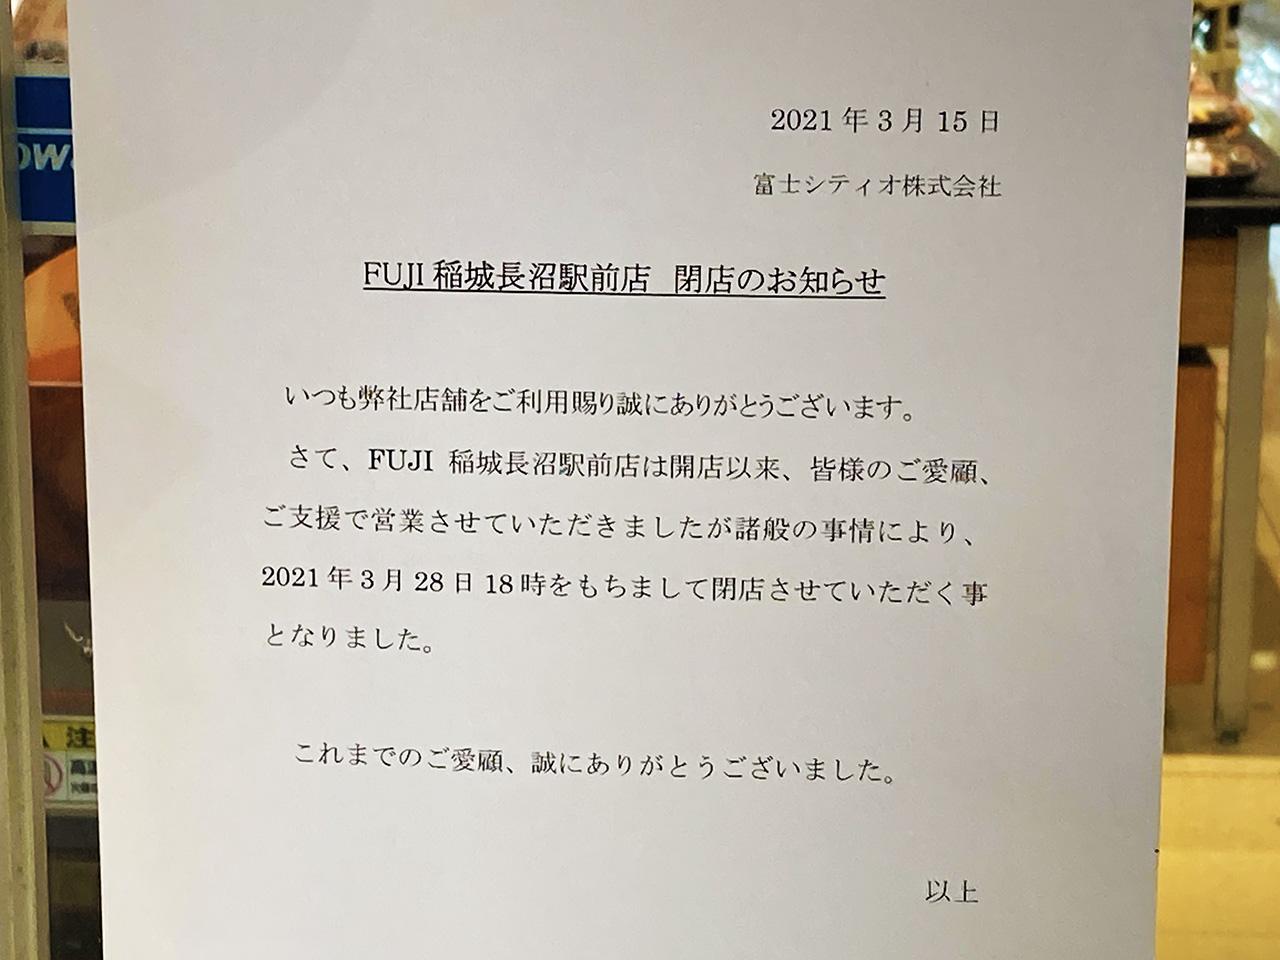 FUJI稲城長沼駅前店が3月28日をもって閉店されます